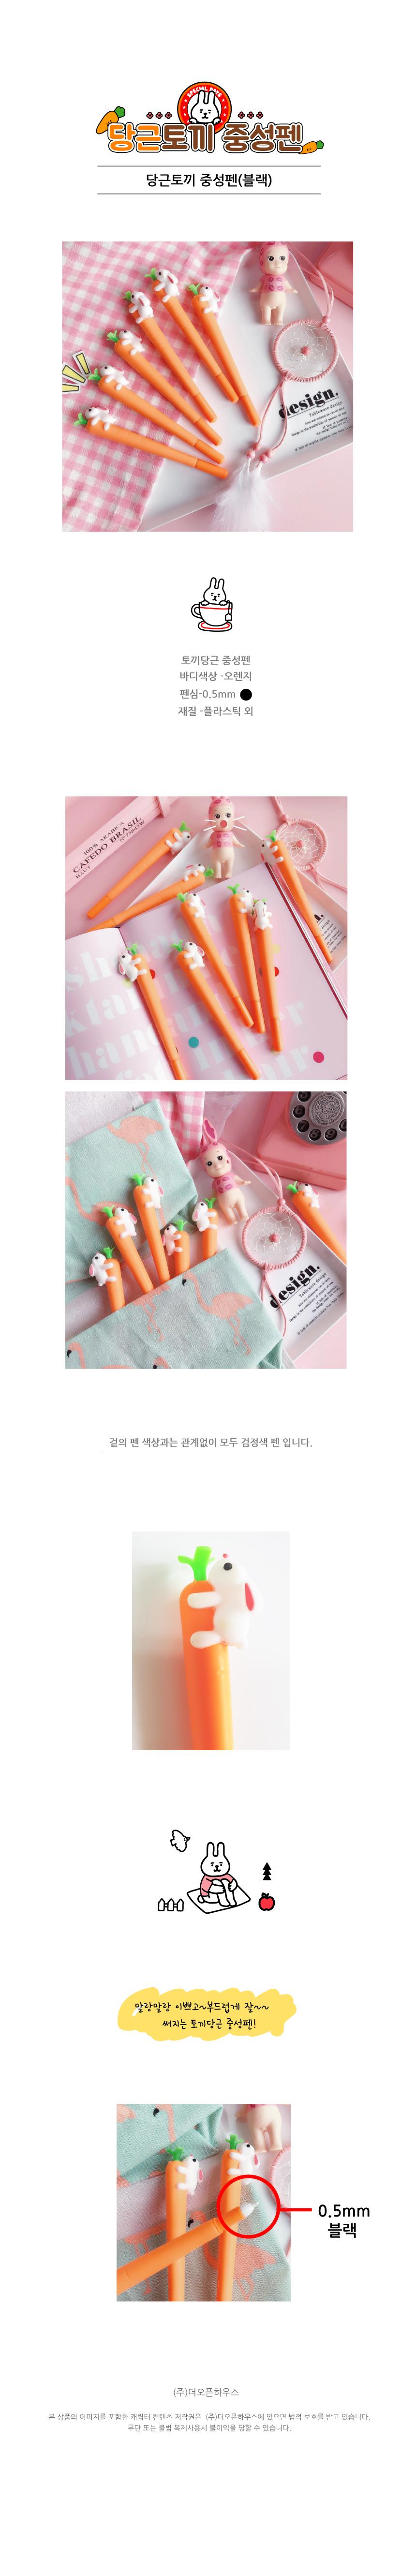 당근 토끼 중성펜 01-0197 - 더오픈하우스, 1,500원, 수성/중성펜, 캐릭터 펜